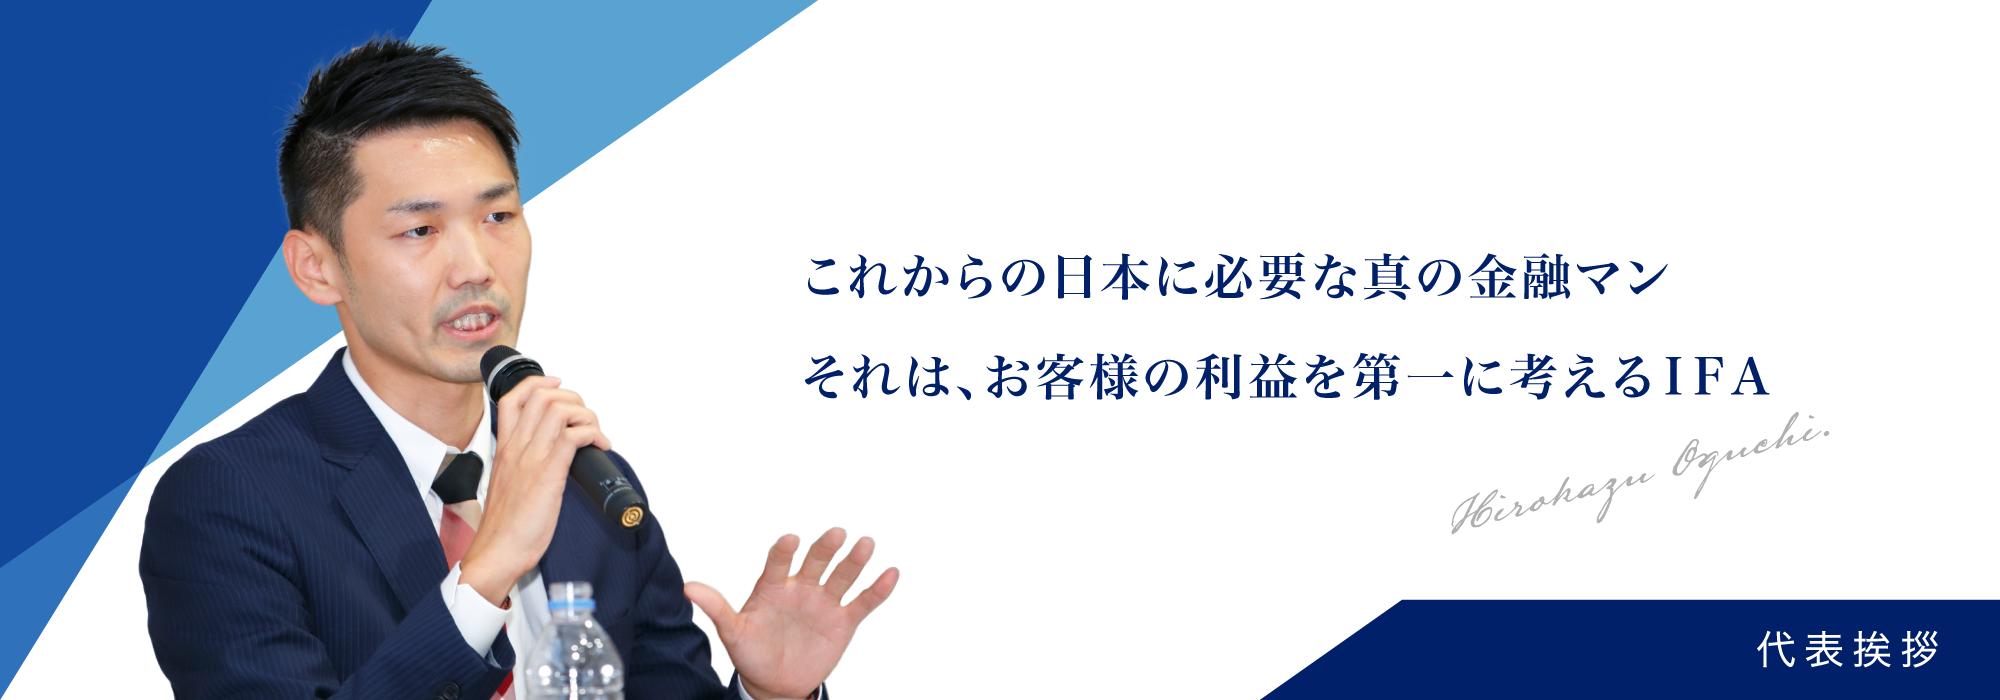 これからの日本に必要な真の金融マン。それは、お客様の利益を第一に考えるIFA